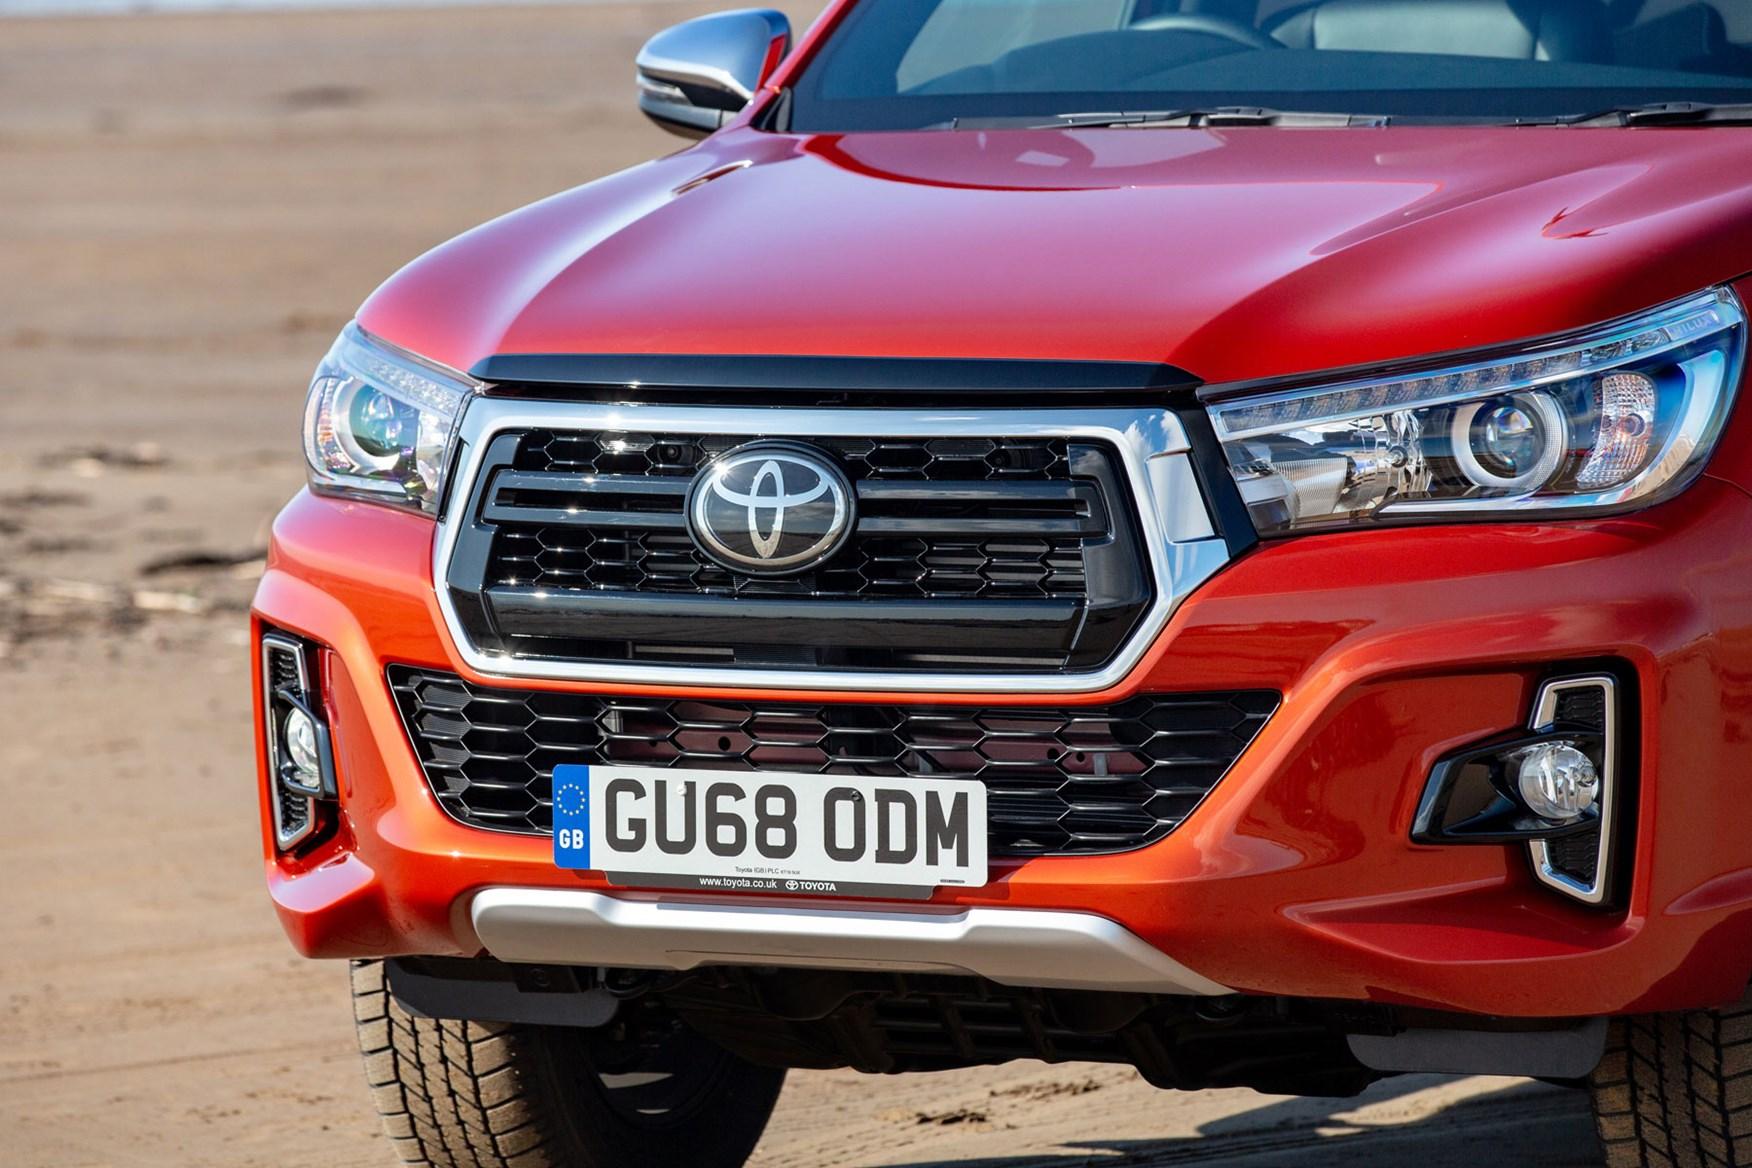 Toyota Hilux Invincible X review - unique front bumper design